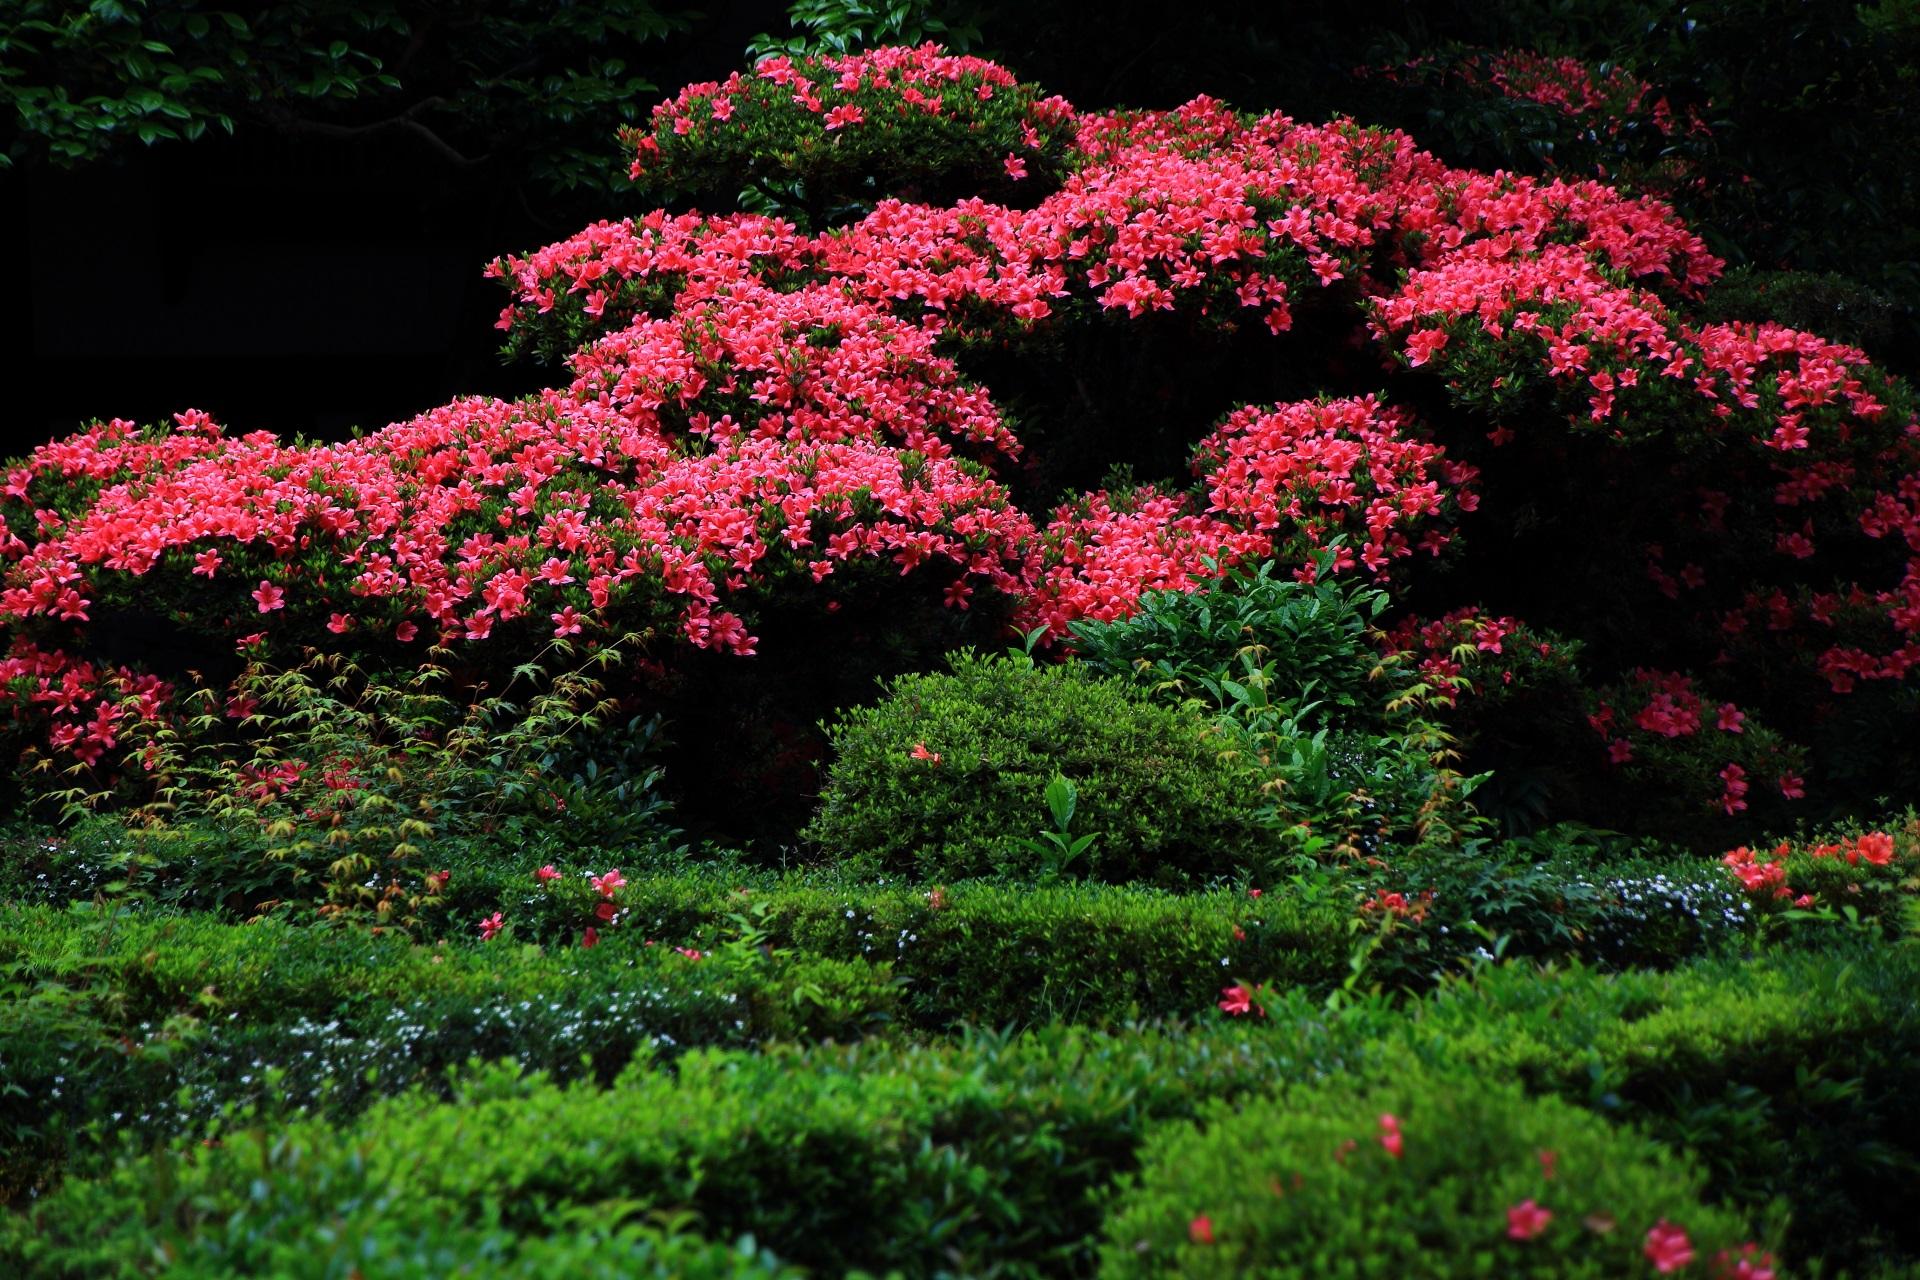 安楽寺の溢れんばかりに咲き誇る満開のサツキ